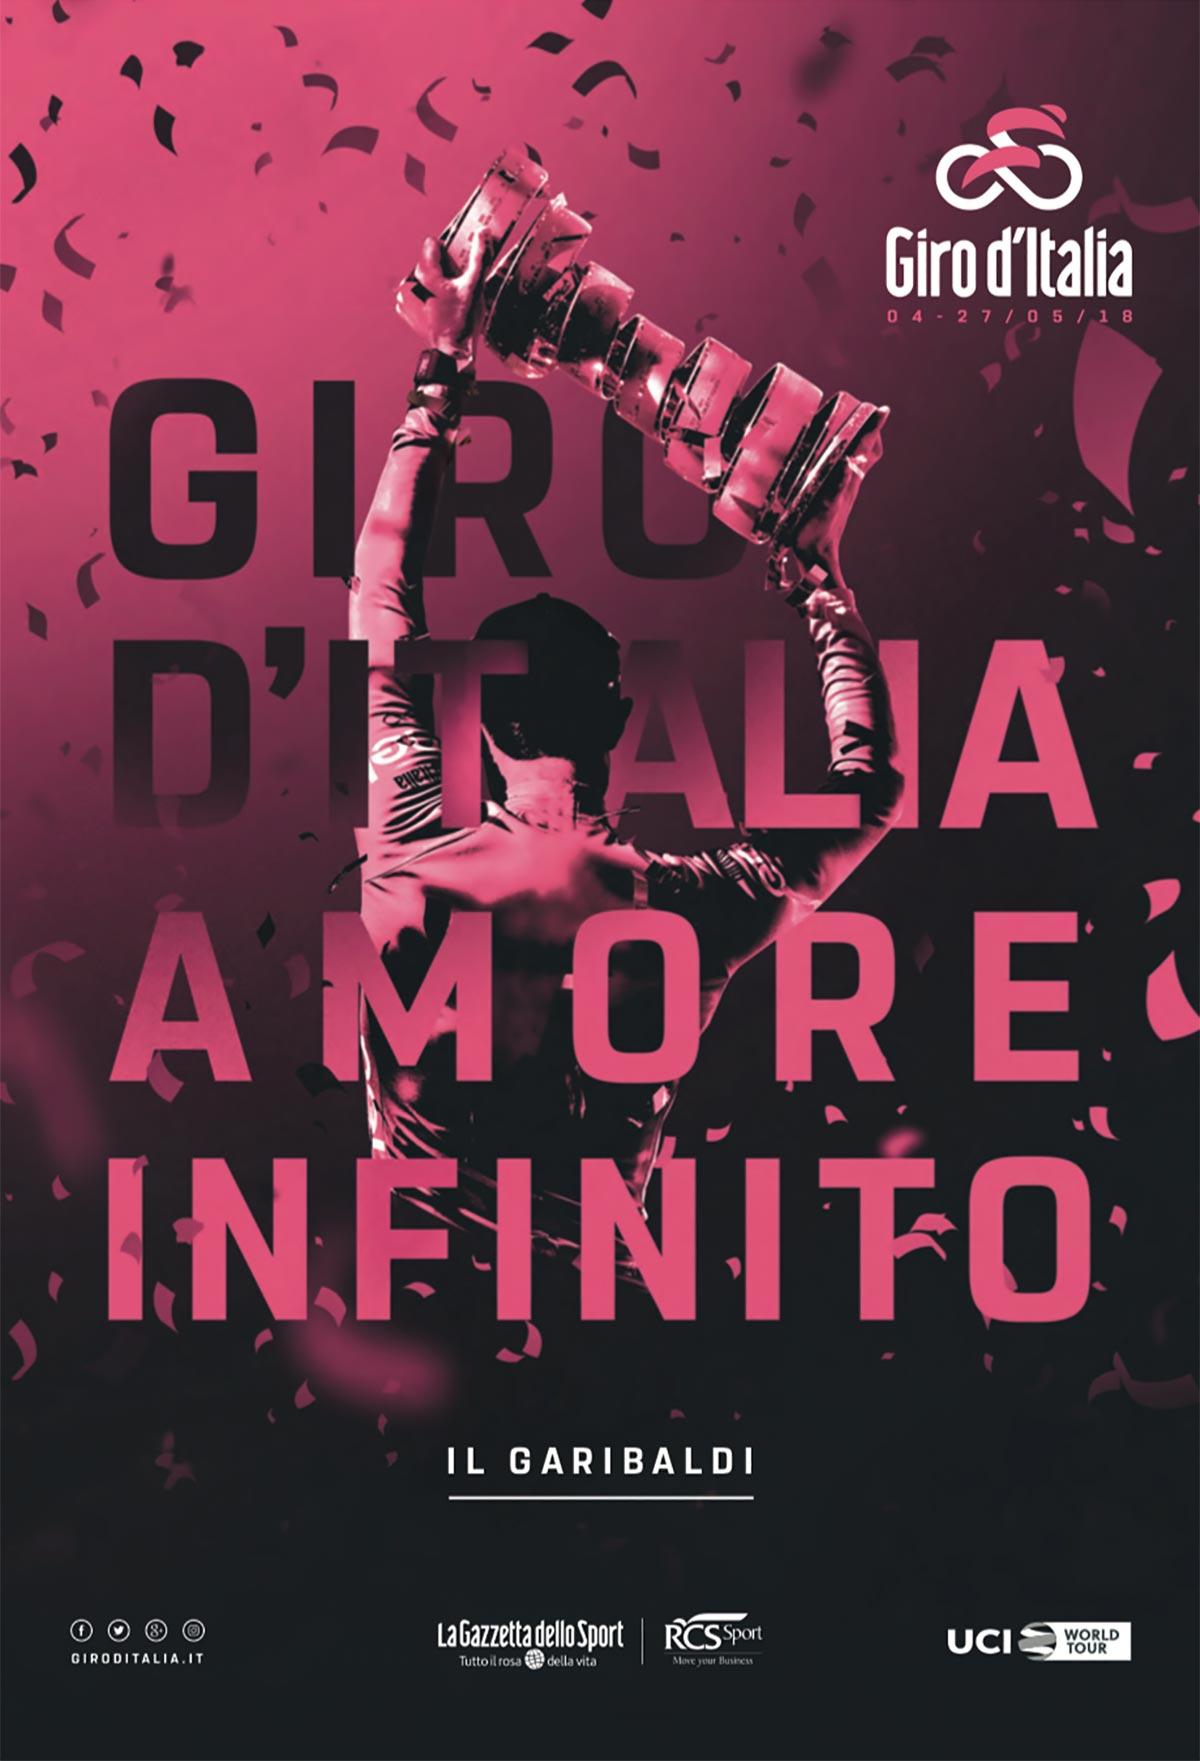 Il Garibaldi, la guida ufficiale del Giro d'Italia 2018